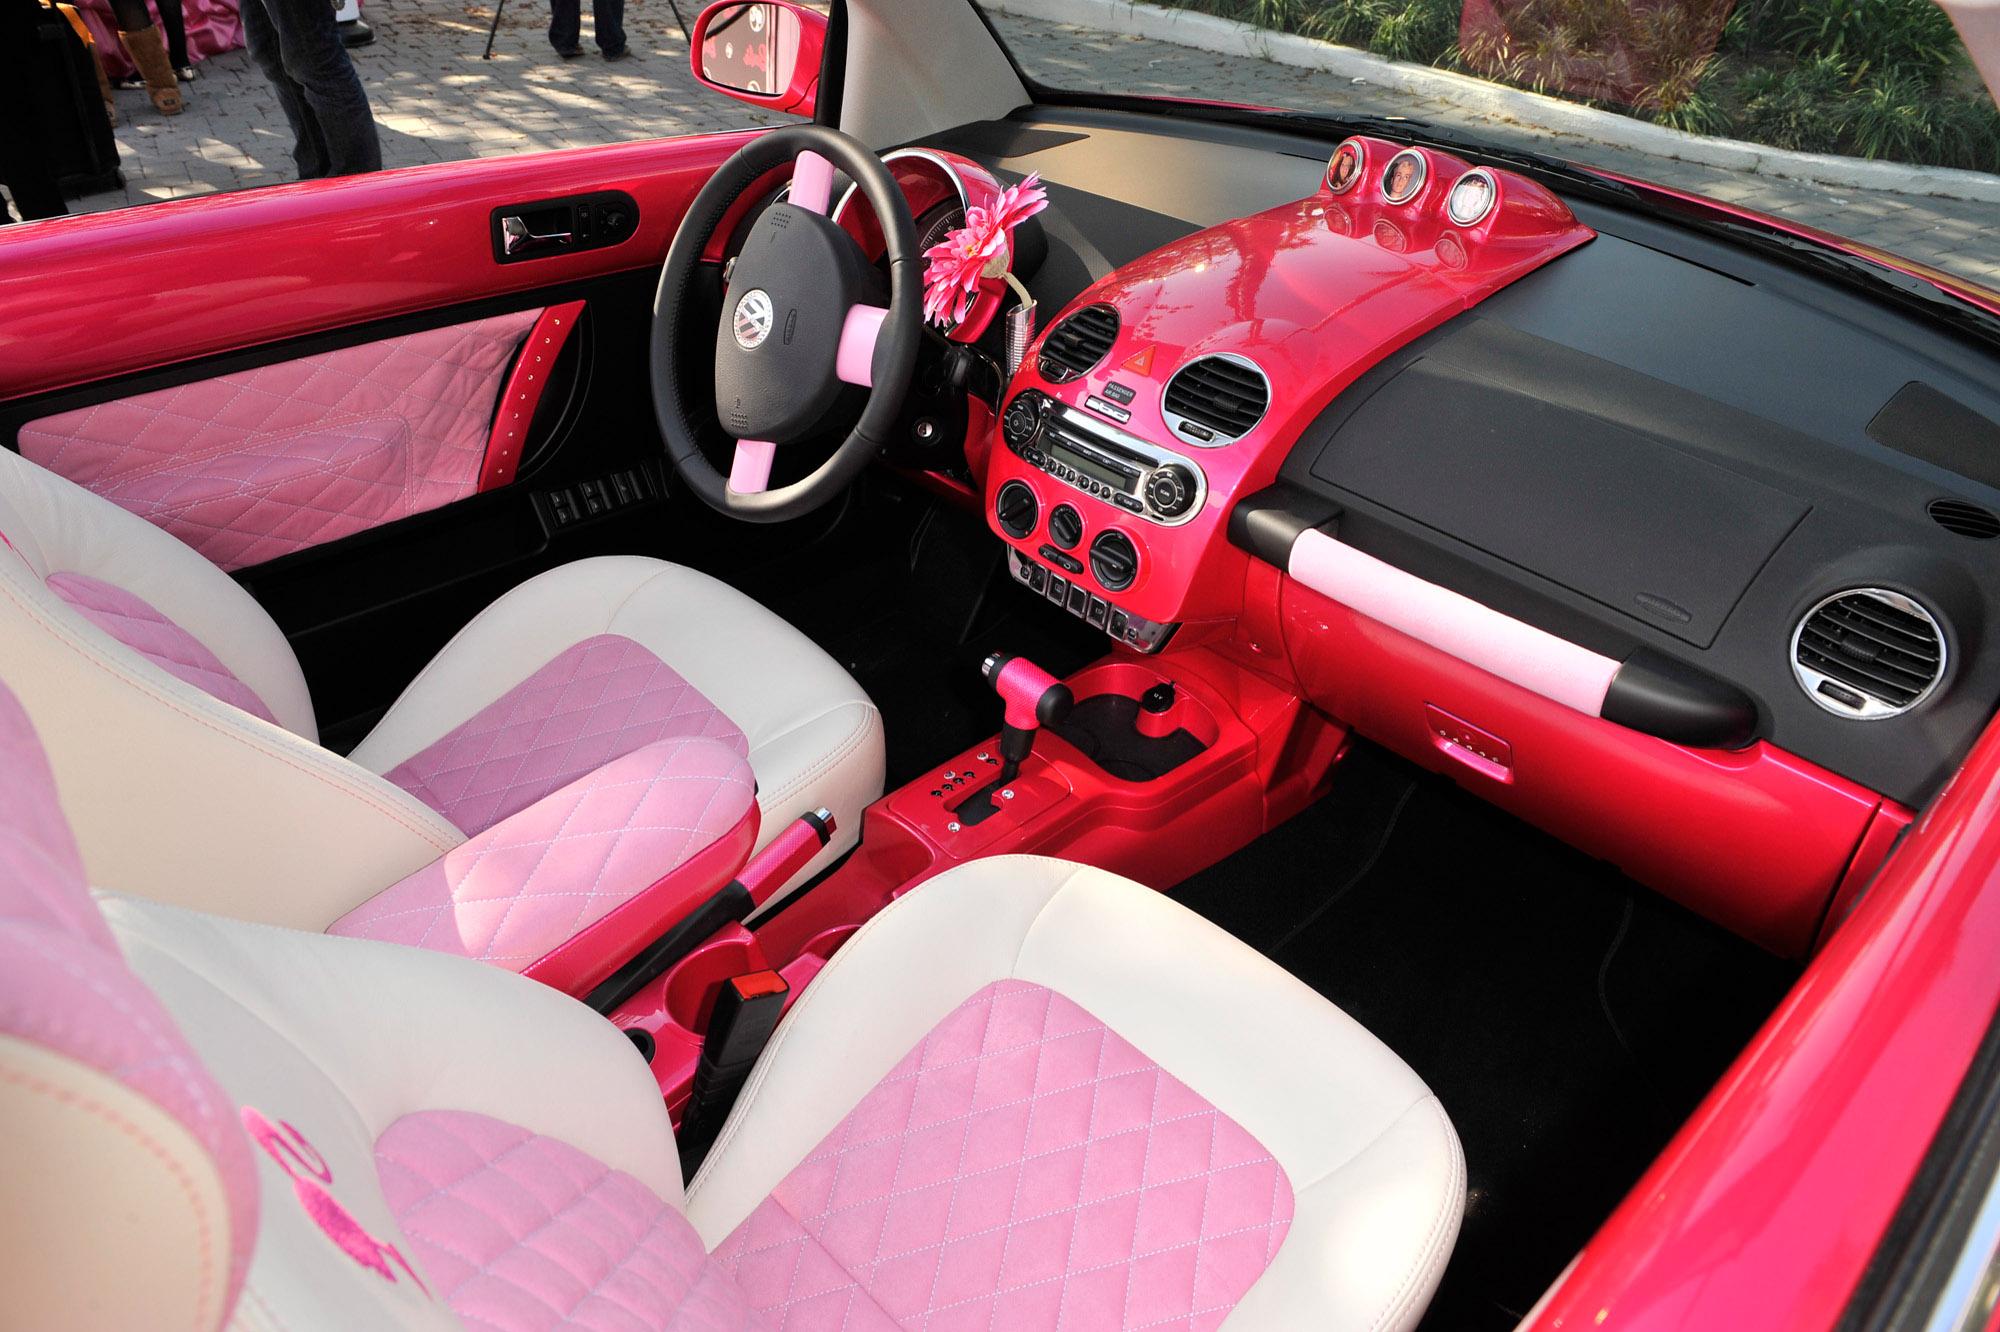 volkswagen beetle convertible barbie edition